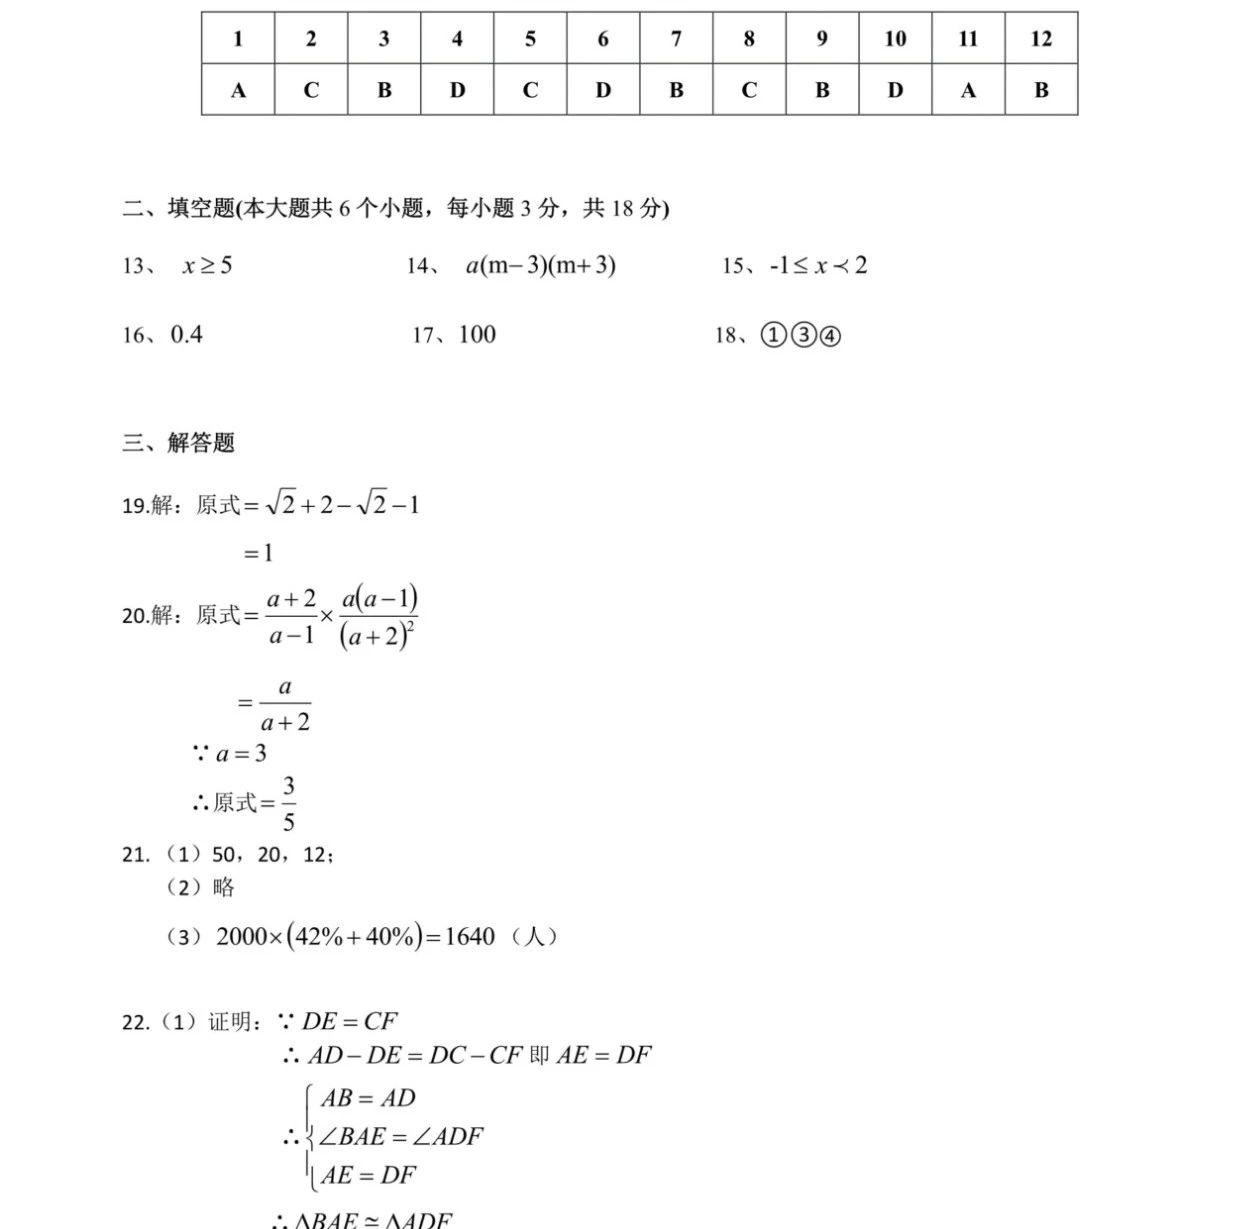 2019年湖南長沙中考數學真題及答案【圖片版】7.jpg